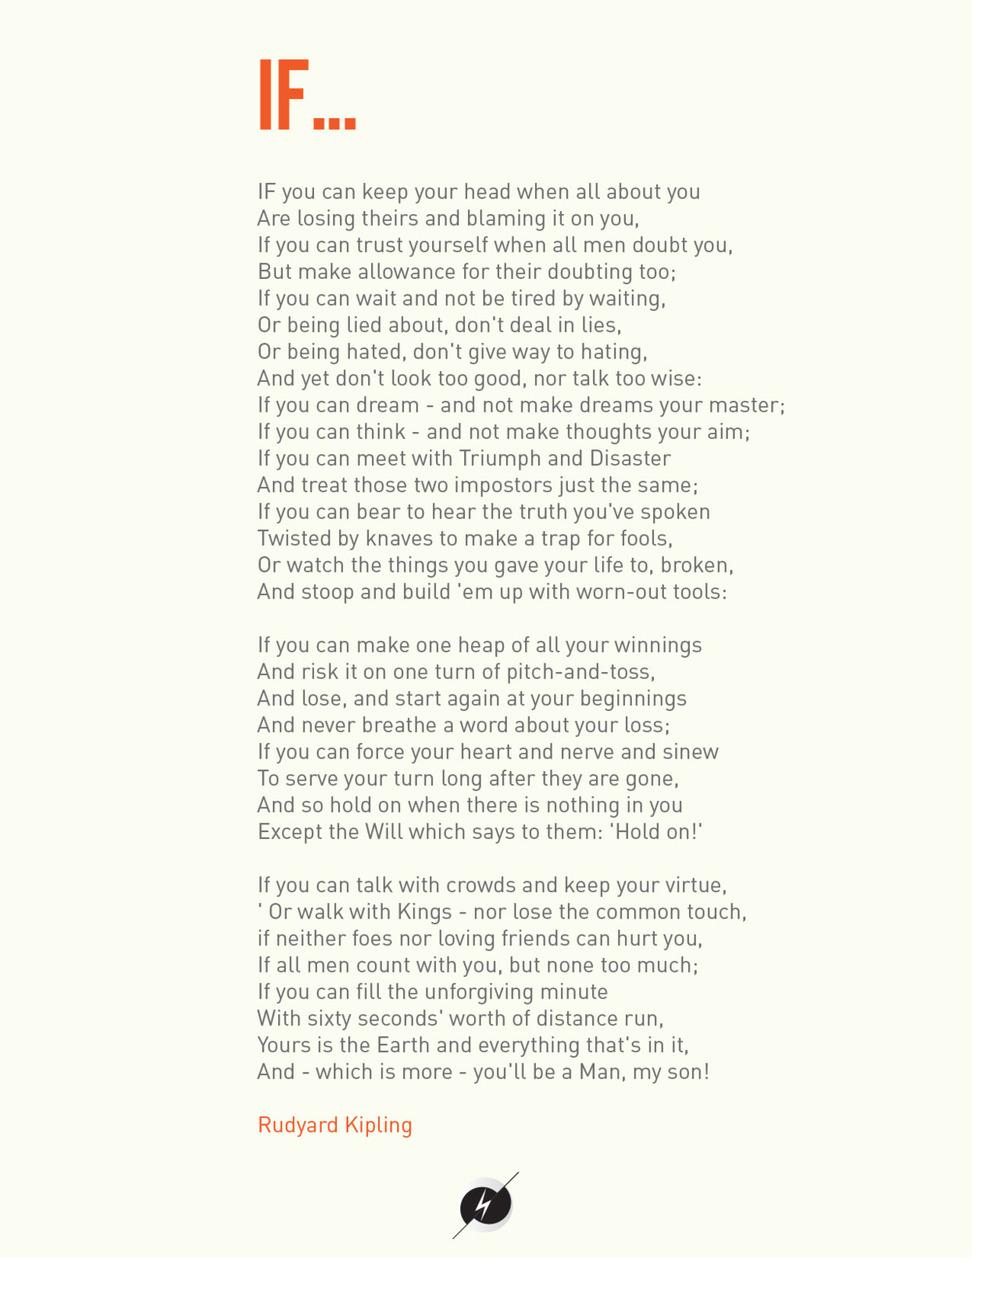 if poem by rudyard kipling essay